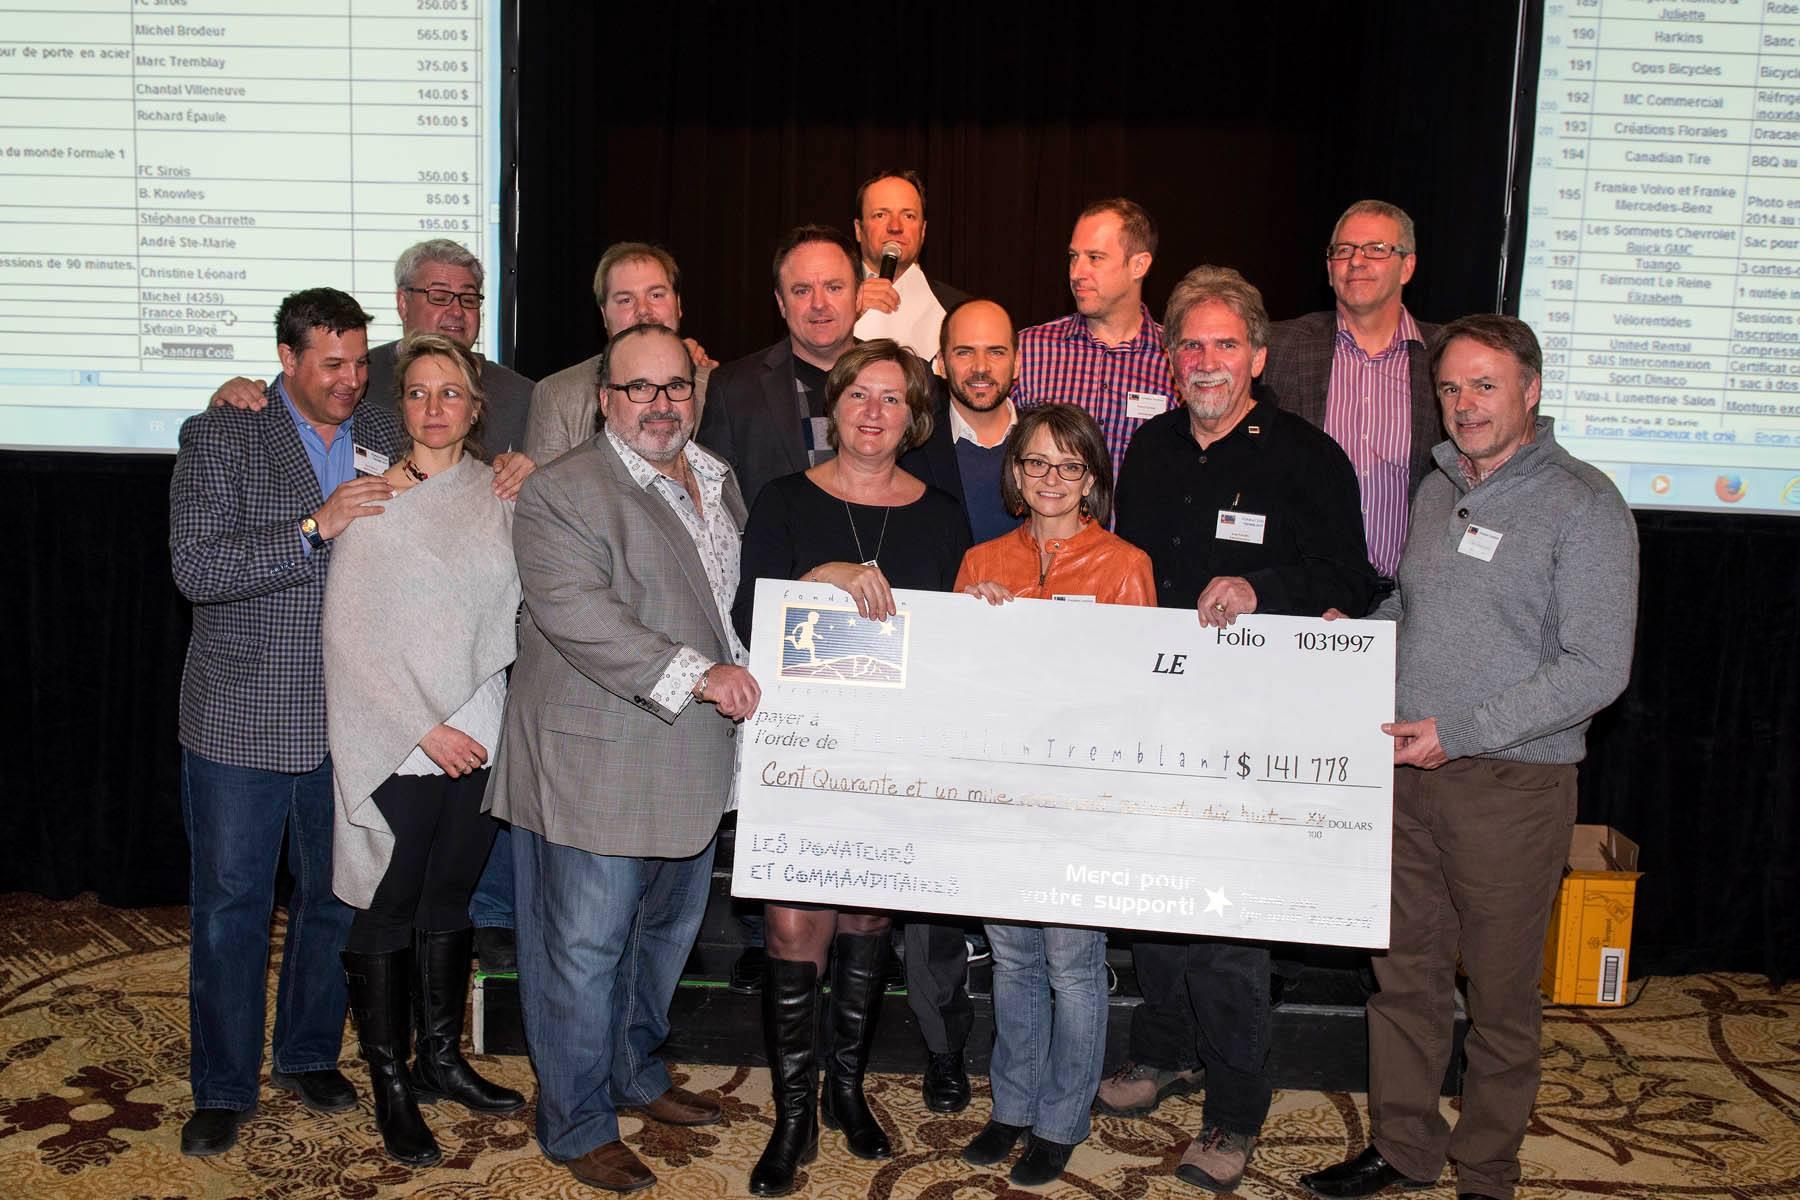 fondation-tremblant-2015-142k